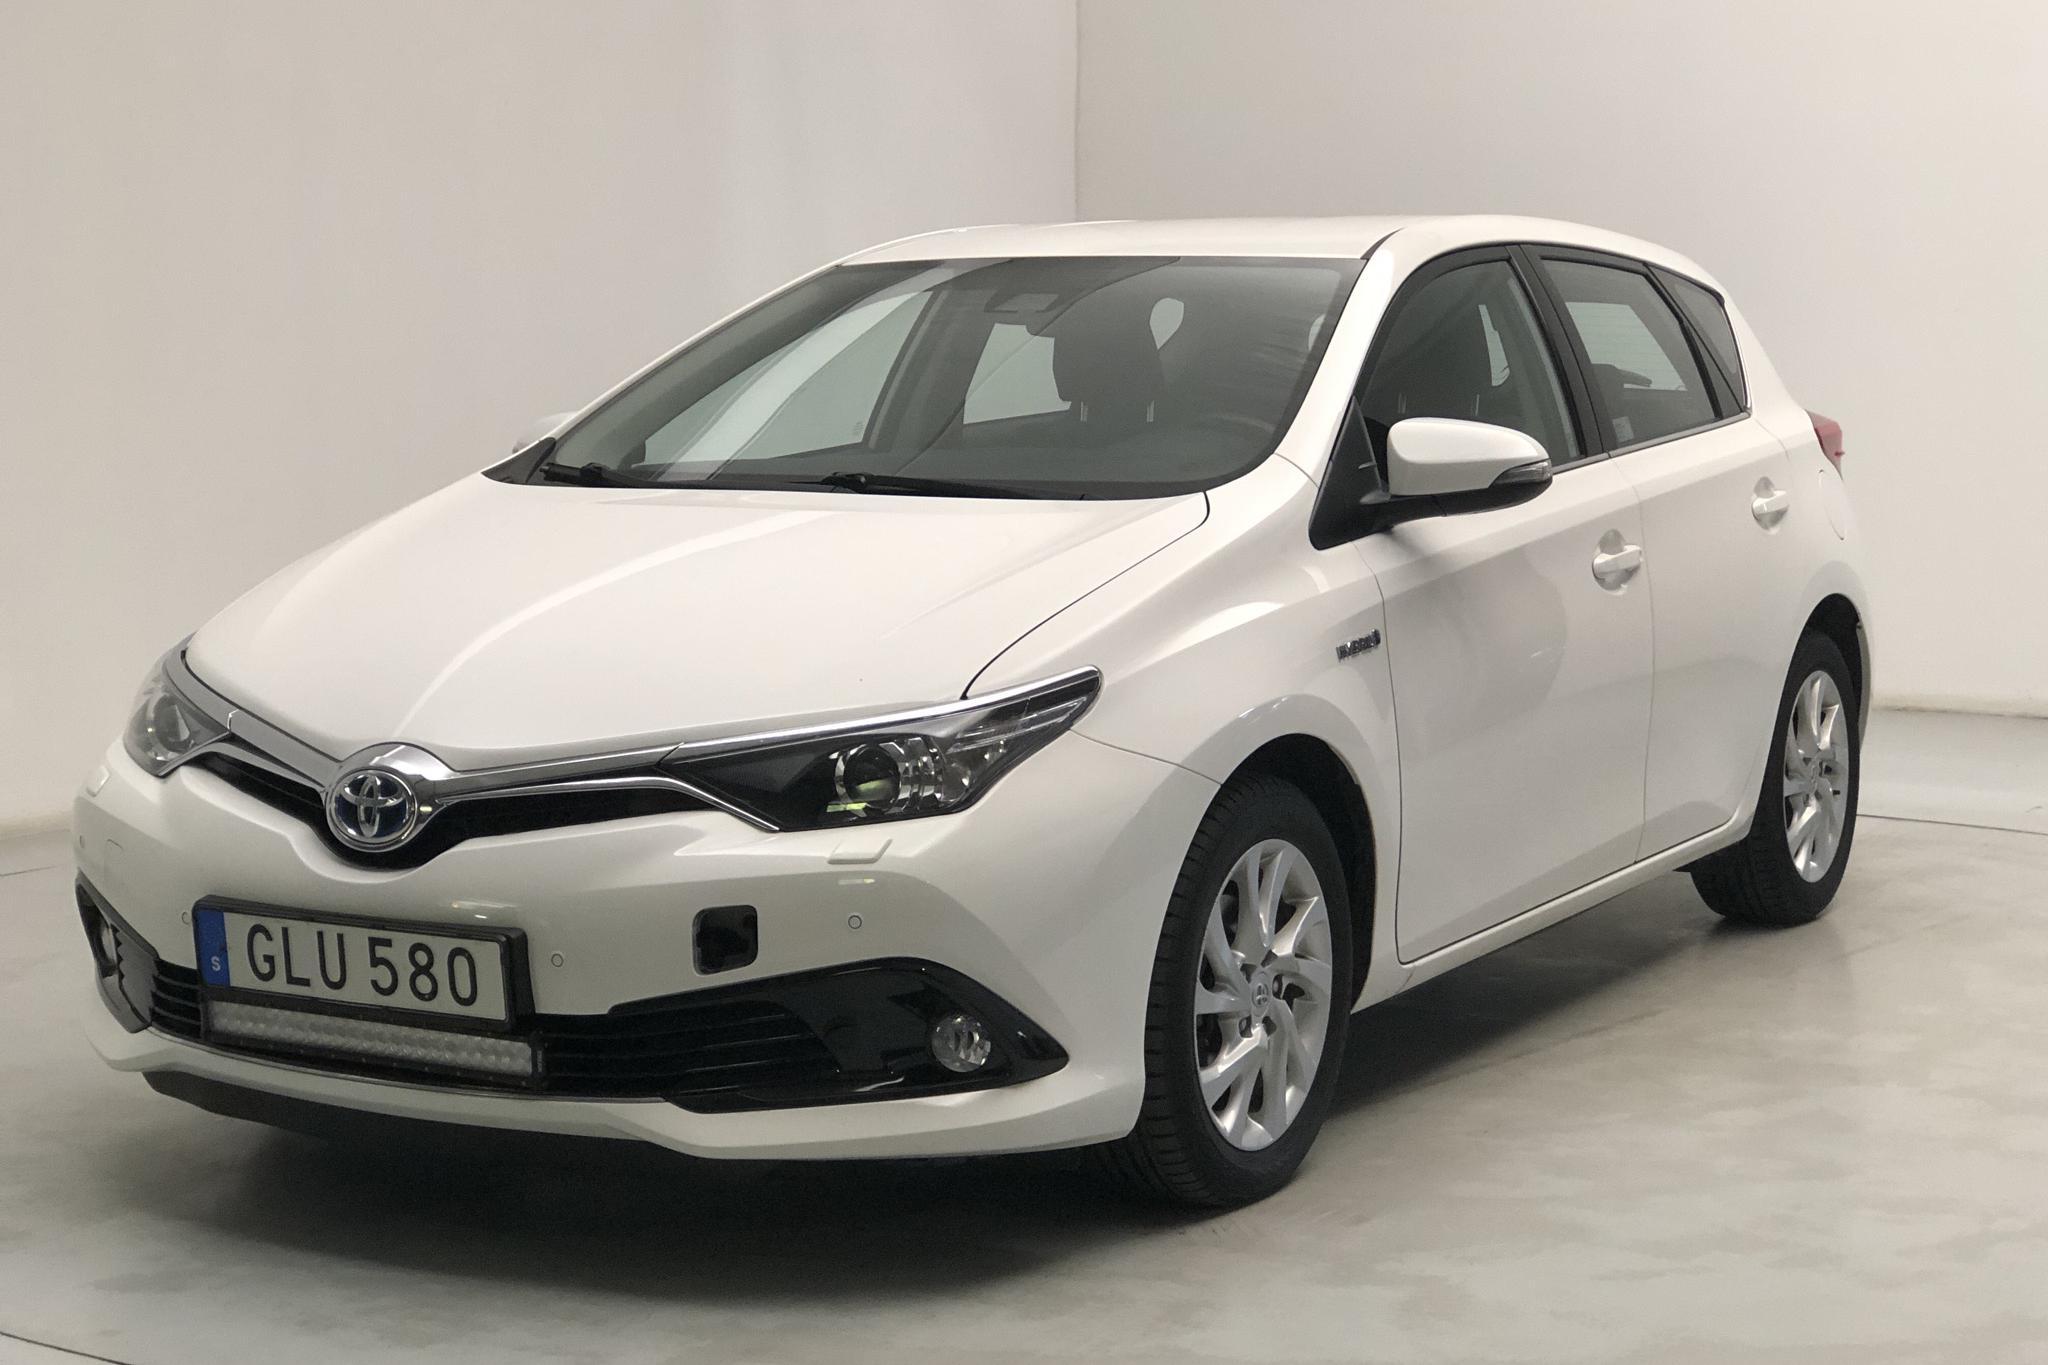 Toyota Auris 1.8 HSD 5dr (99hk) - 6 352 mil - Automat - vit - 2018